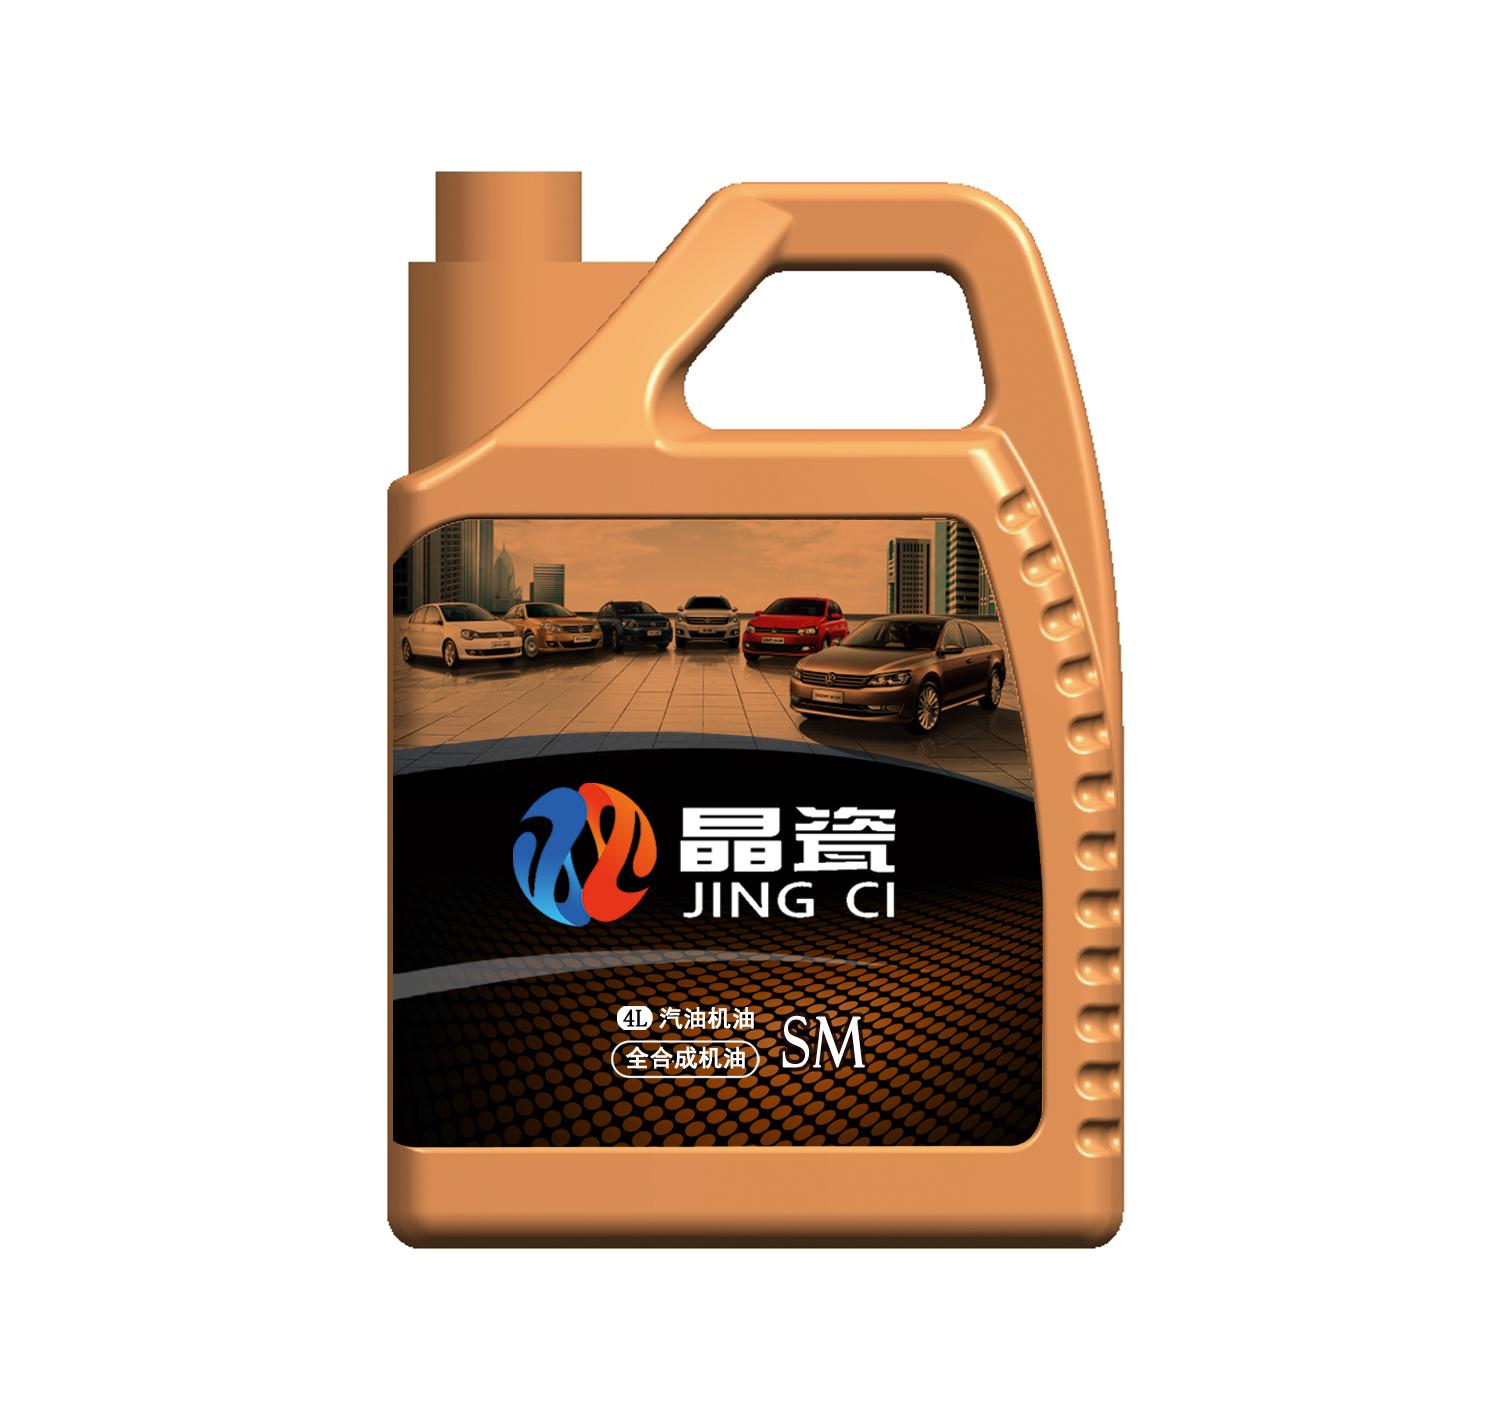 """""""晶瓷""""牌汽油机油4l包装壶标贴设计"""